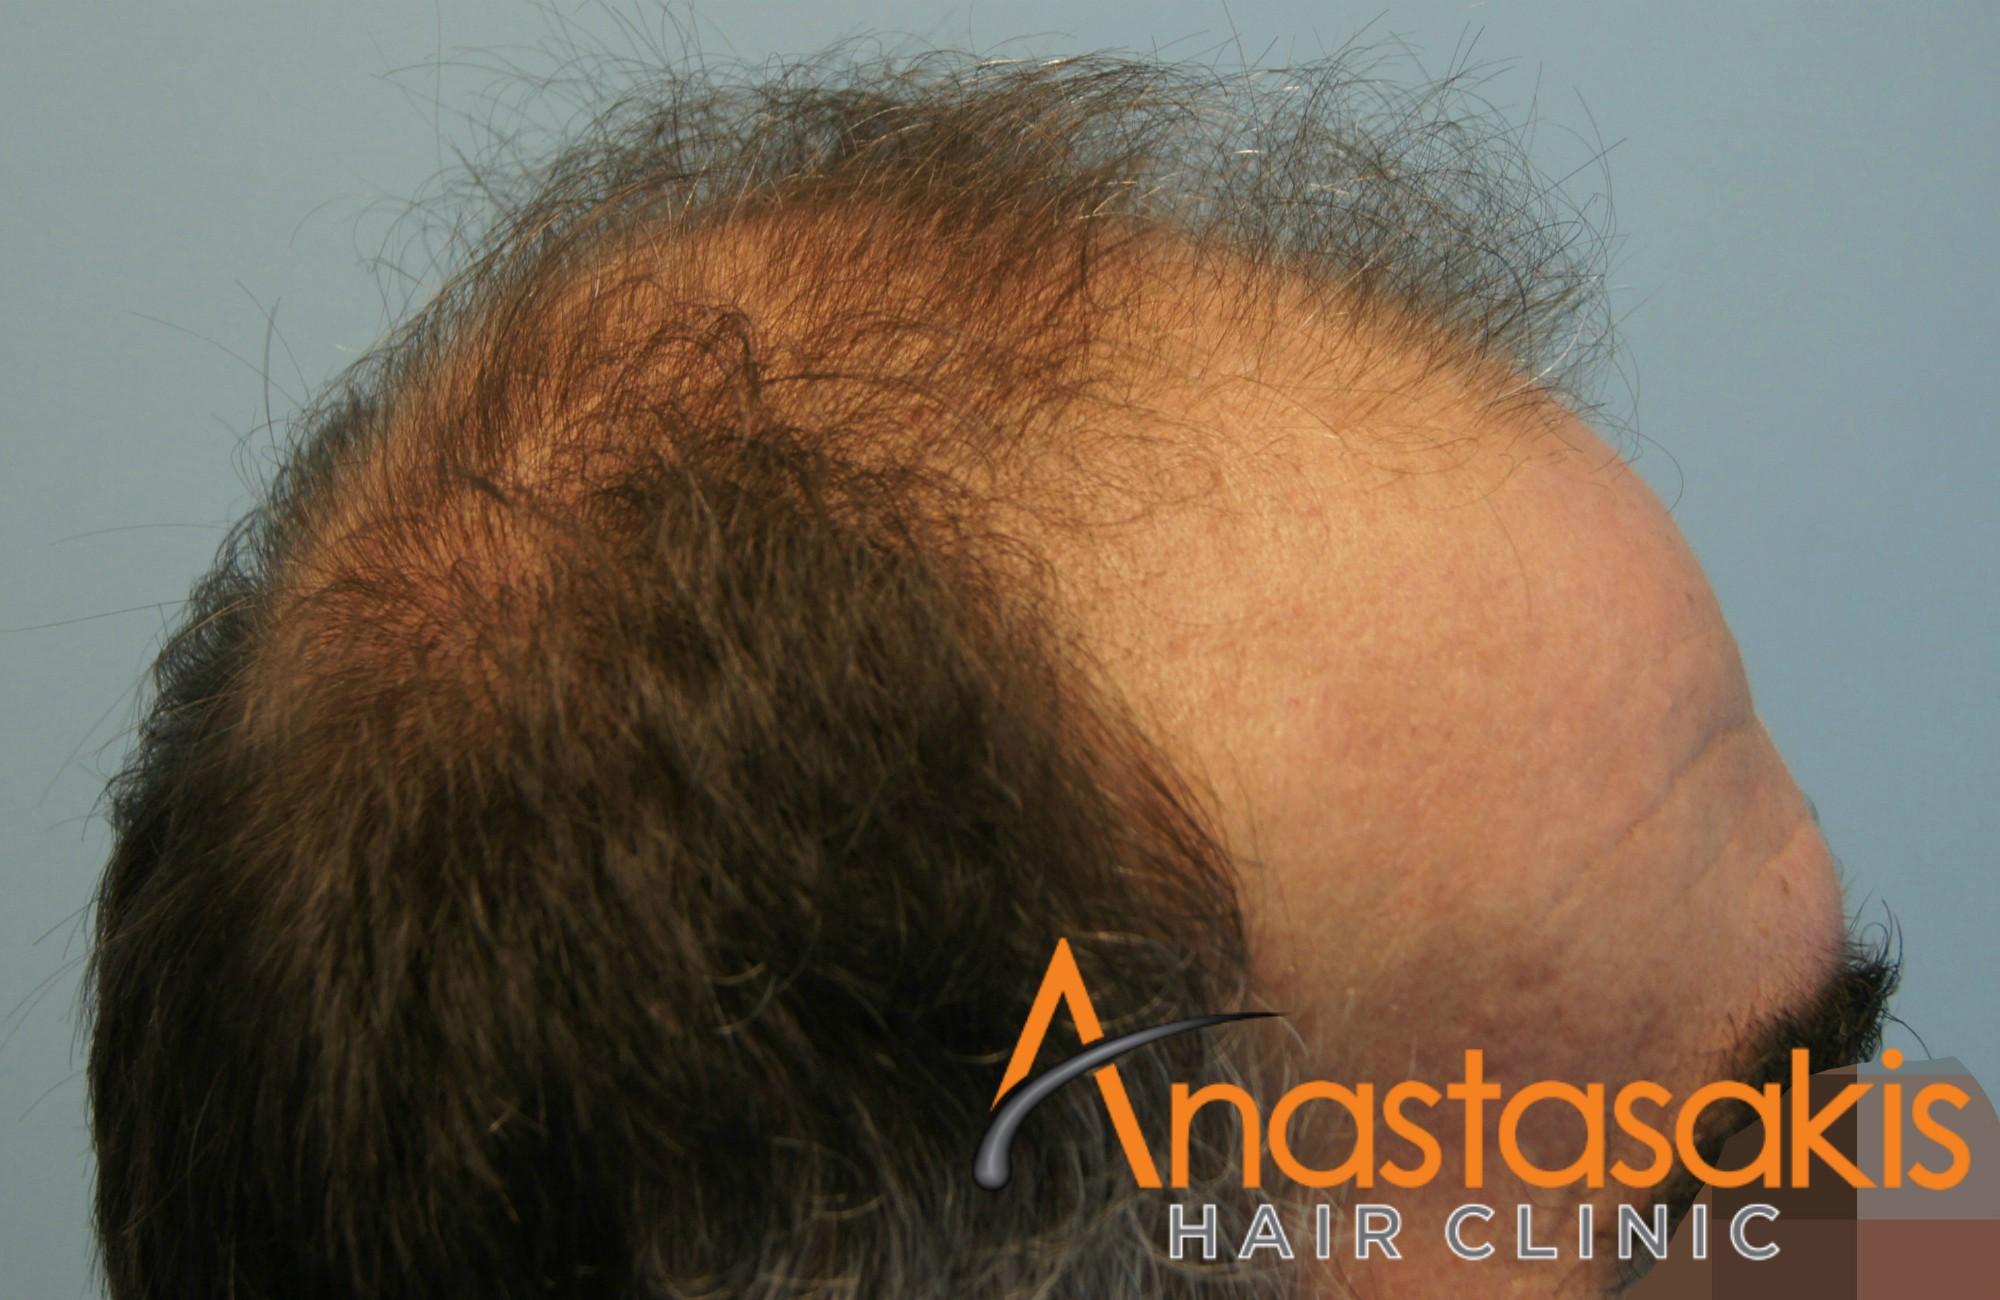 αριστερό προφίλ ασθενη πριν την επέμβαση μαλλιών με 3110 fus